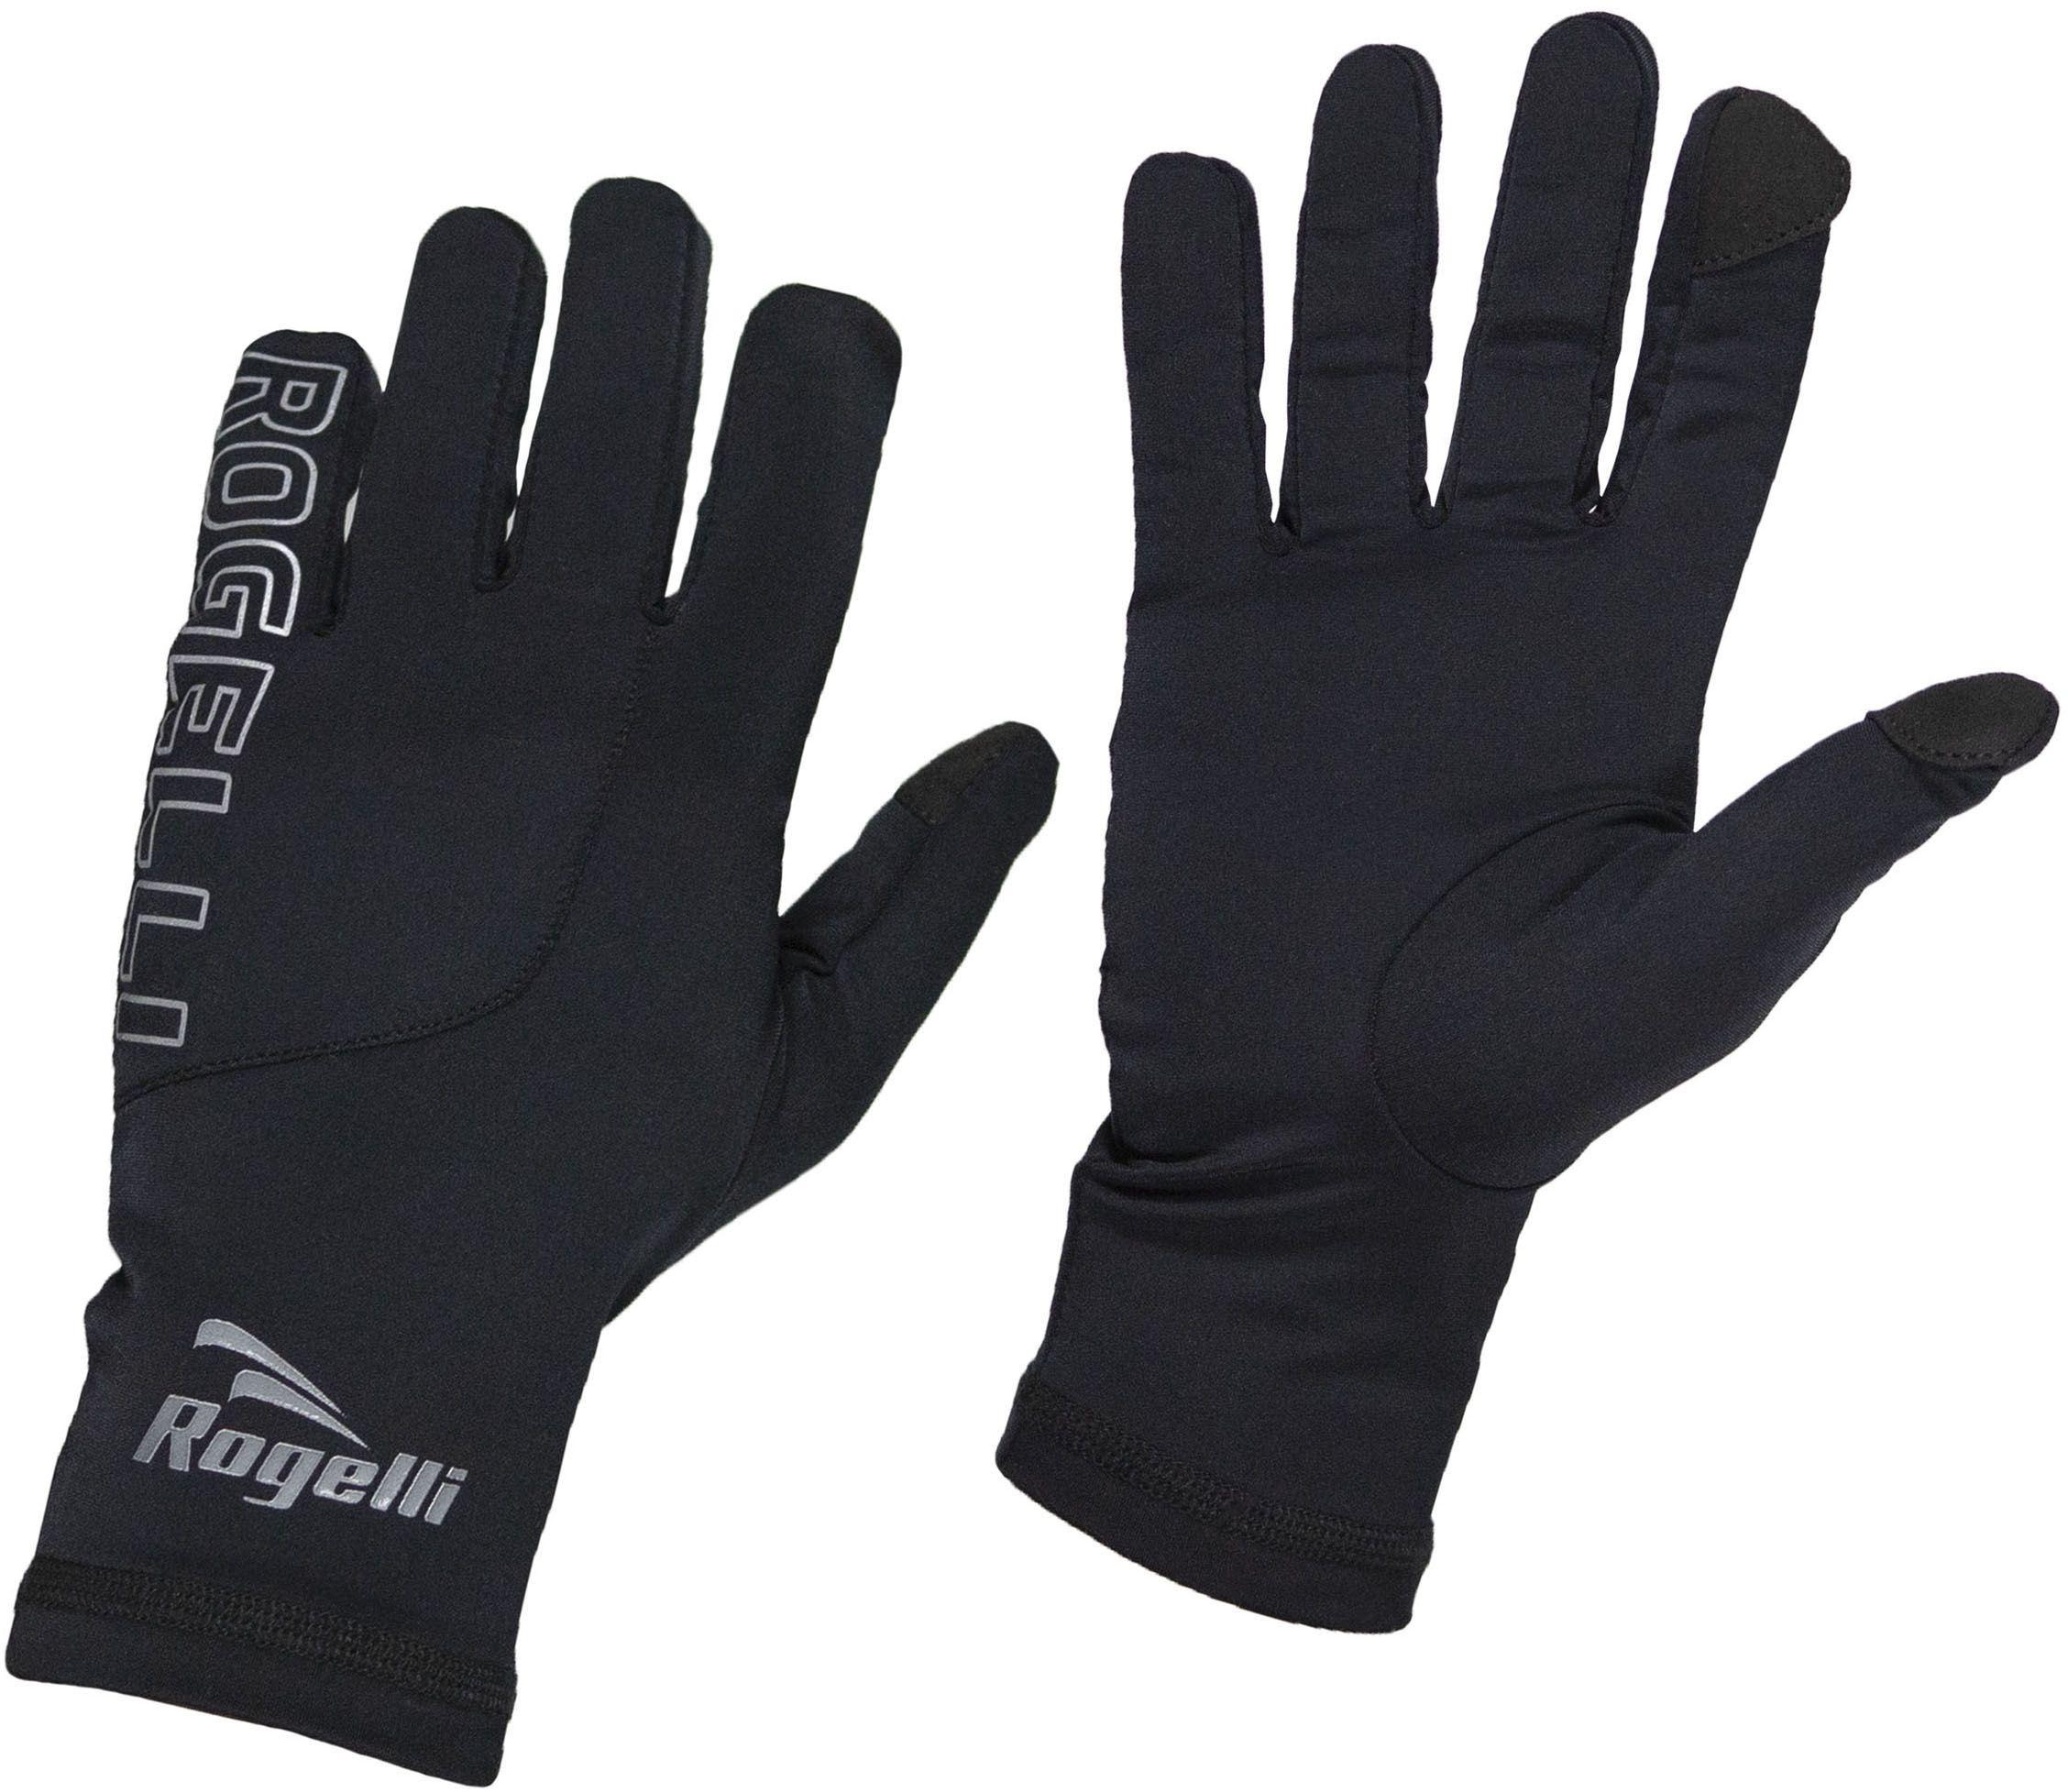 ROGELLI RUN 890.001 TOUCH rękawiczki biegowe czarne Rozmiar: XS,rogelli-touch-black-men